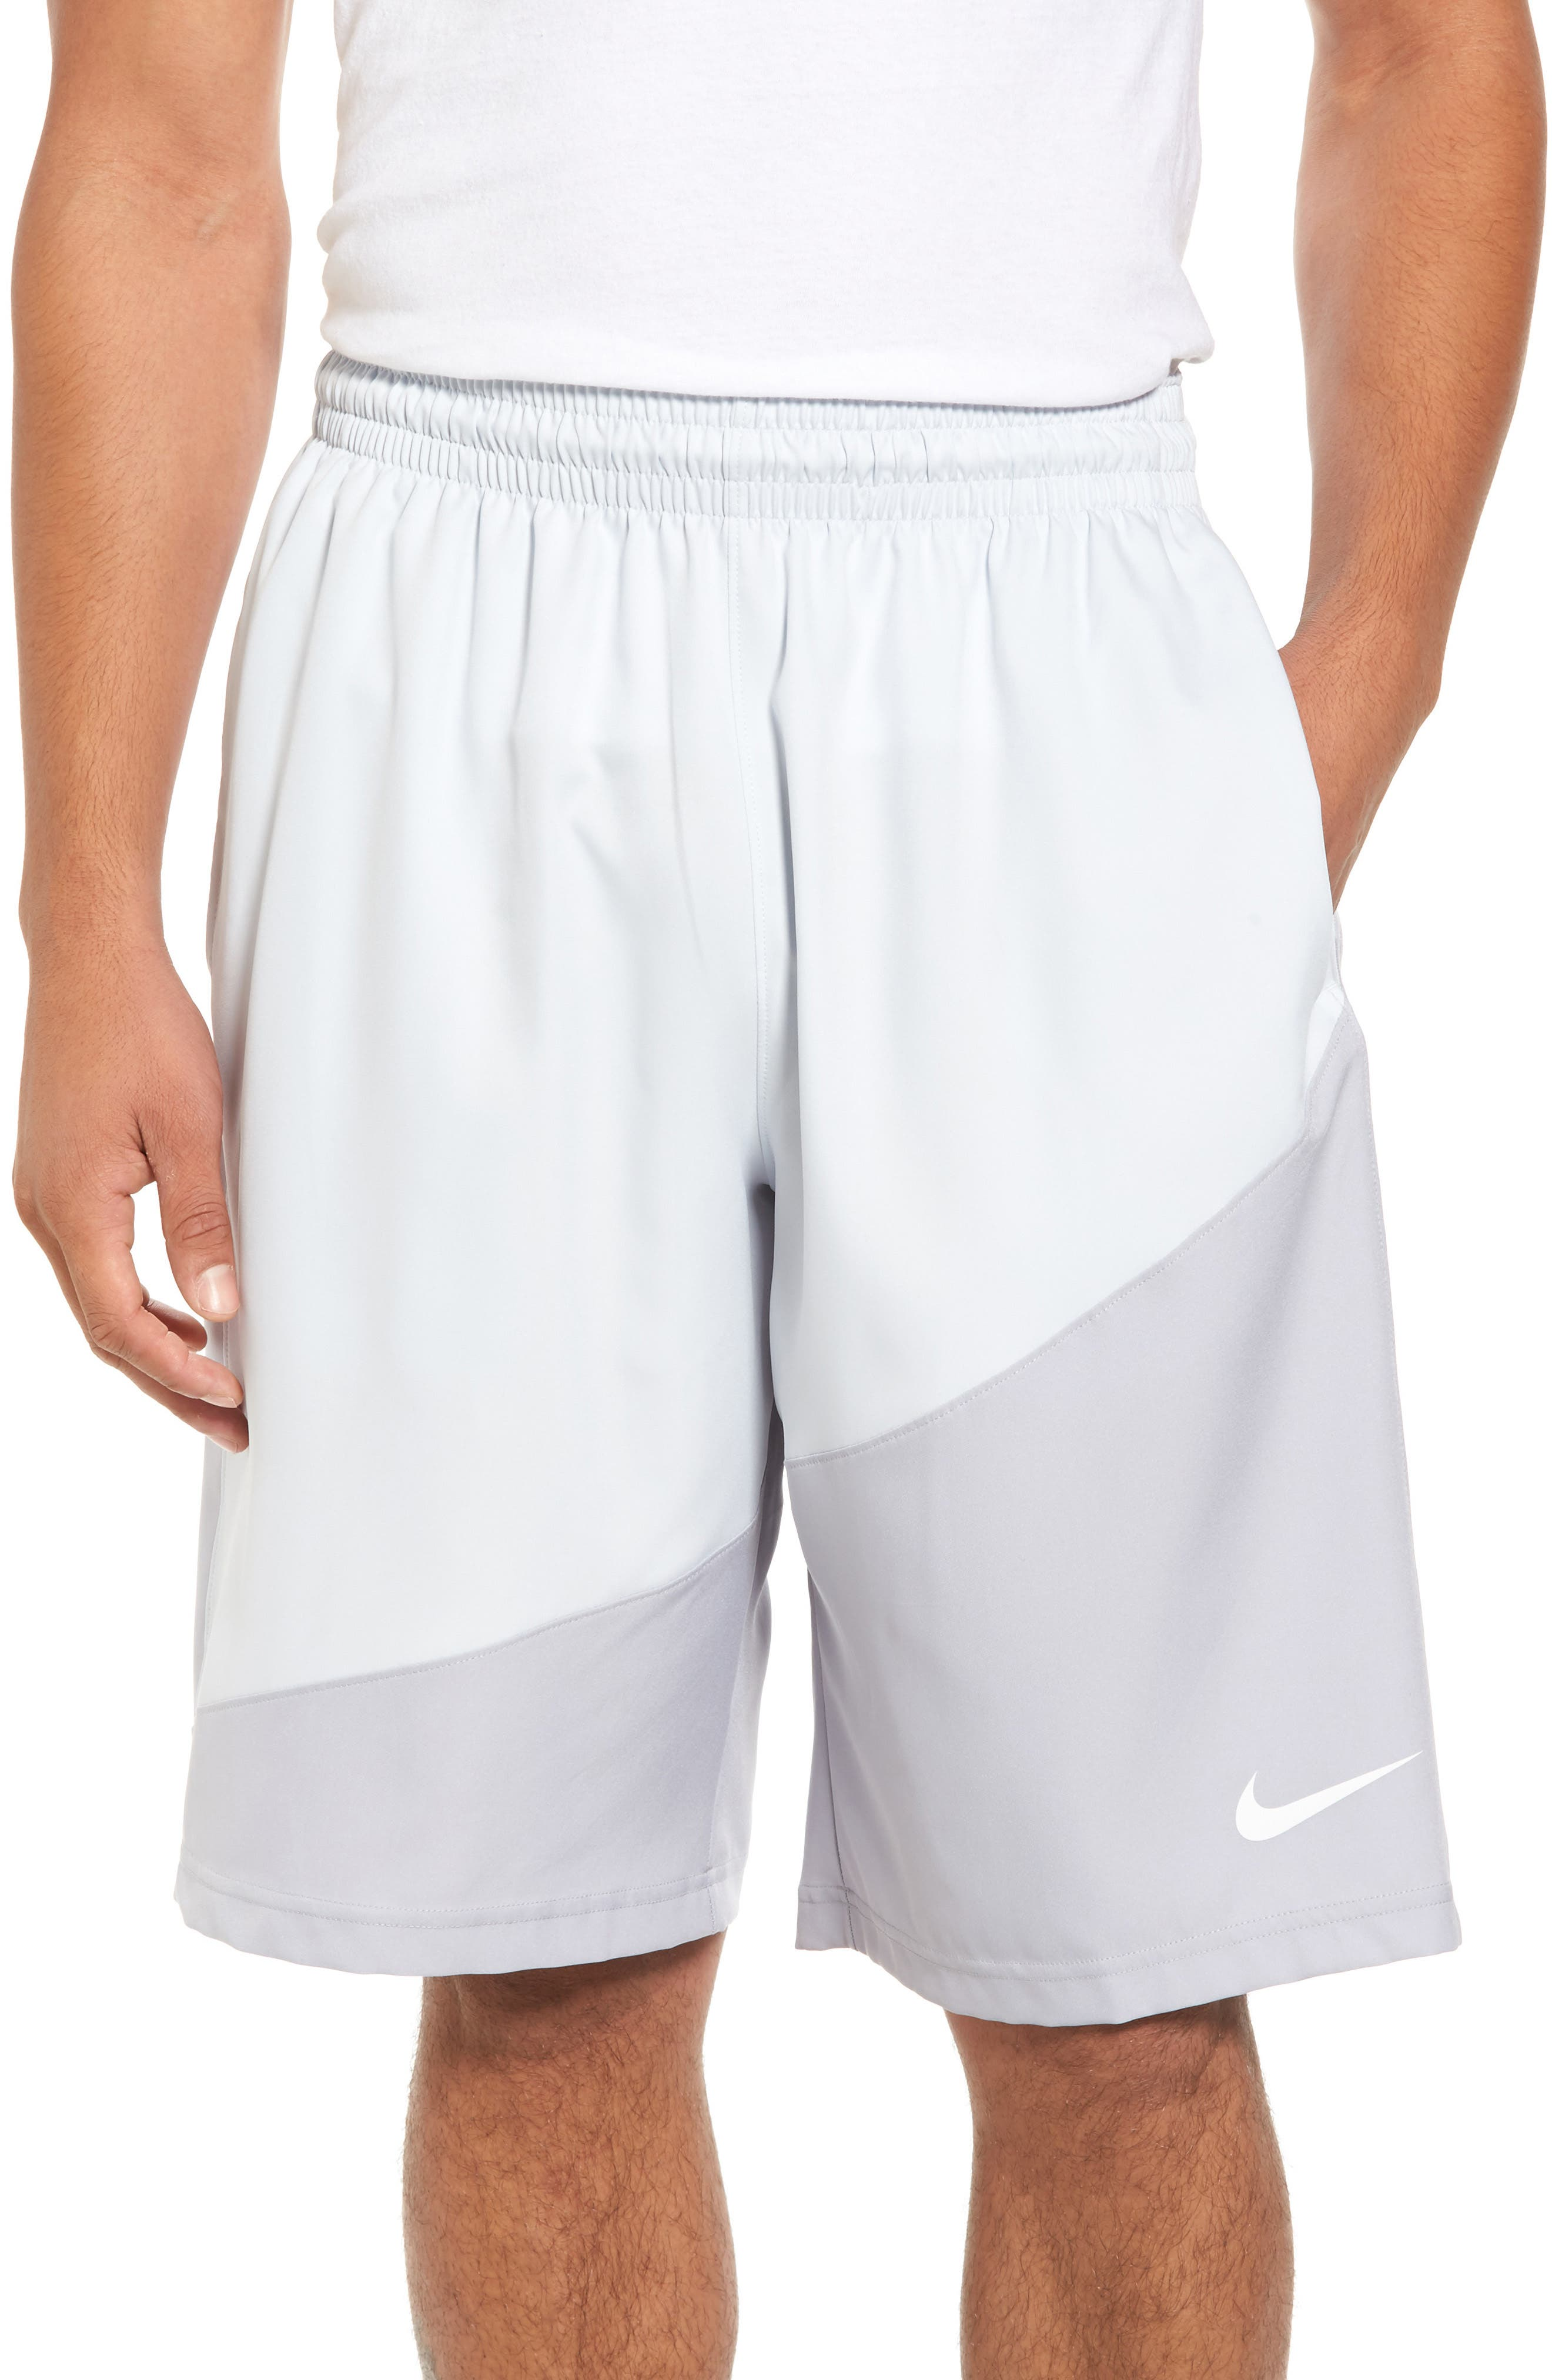 Dry Shorts,                             Main thumbnail 1, color,                             027